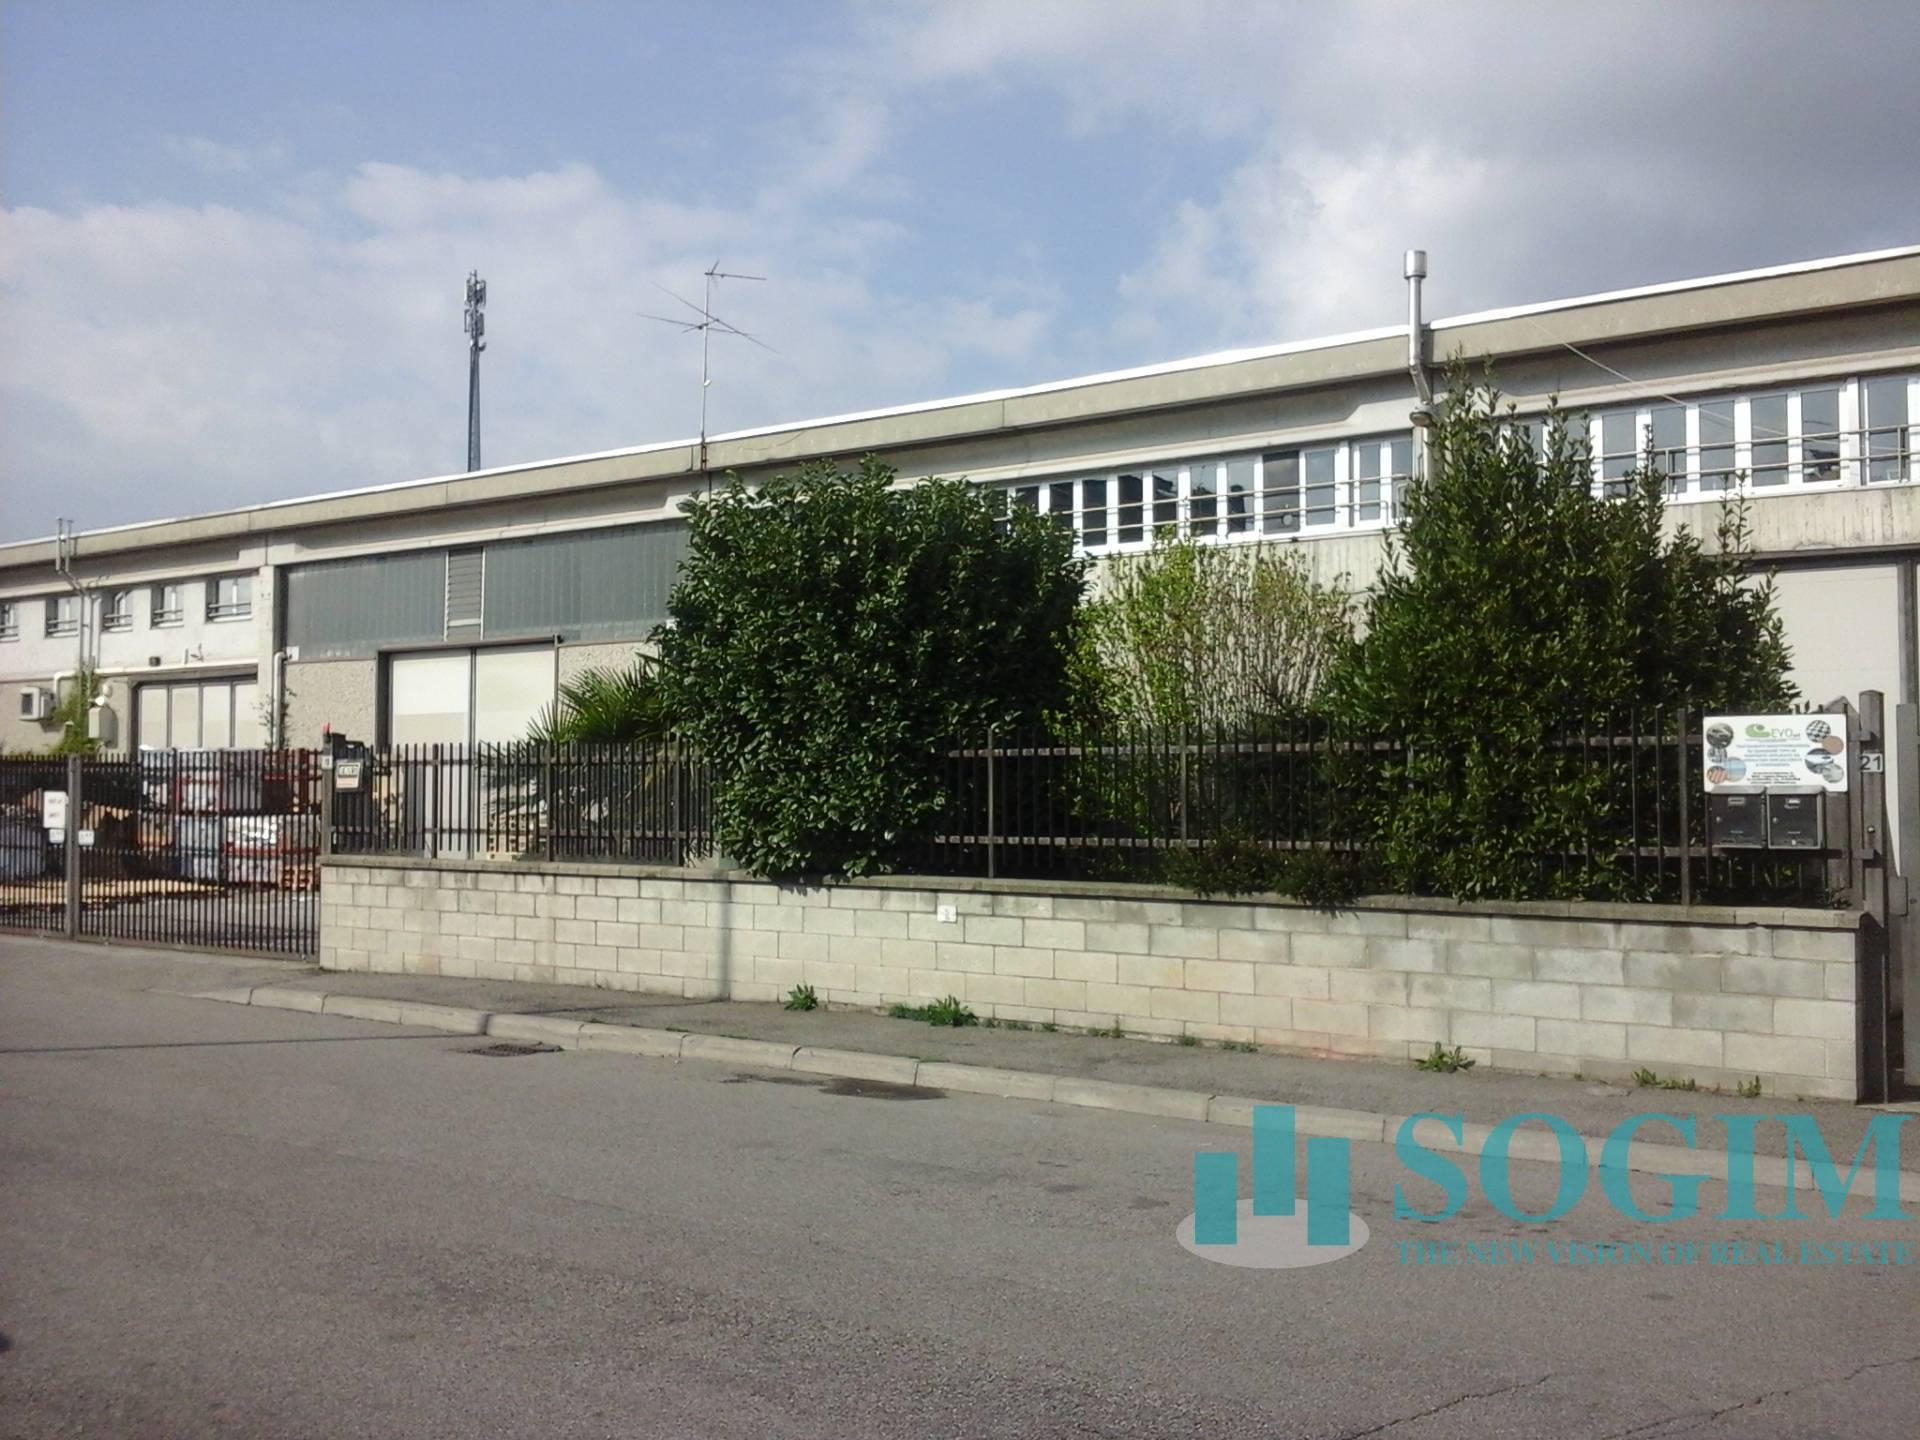 Capannone in vendita a Pogliano Milanese, 9999 locali, prezzo € 550.000 | PortaleAgenzieImmobiliari.it